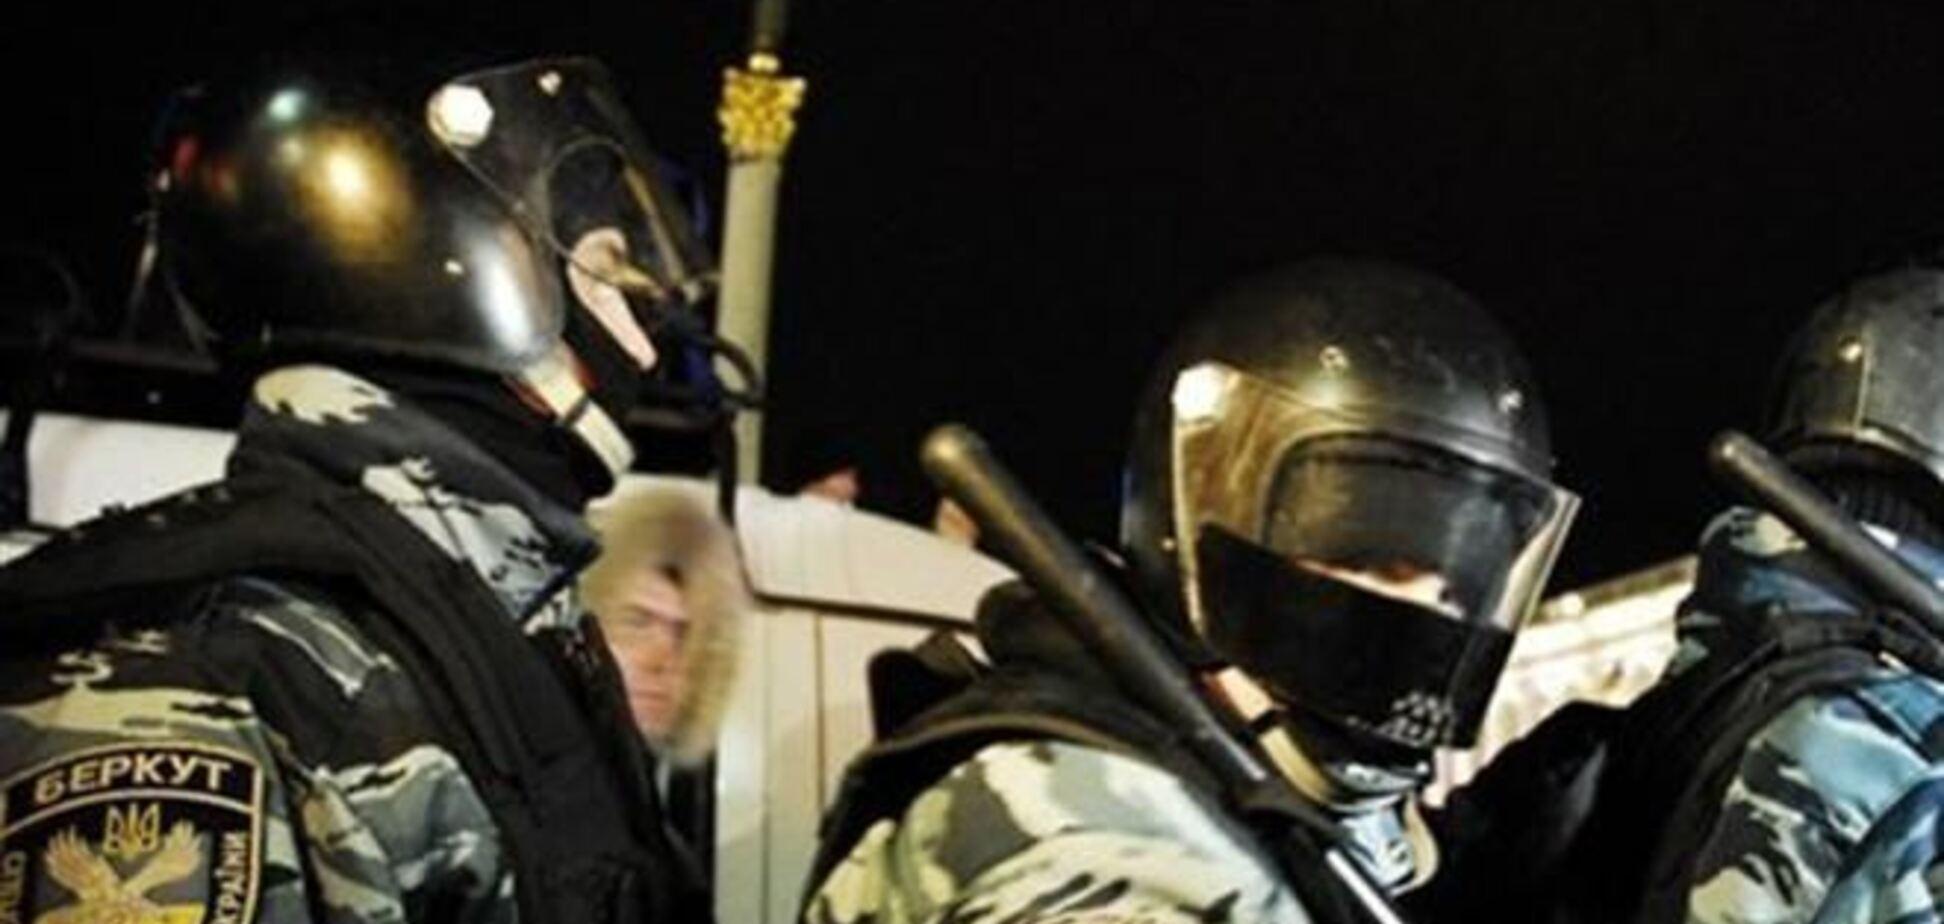 Расследуется превышение полномочий львовским 'Беркутом' во время Евромайдана